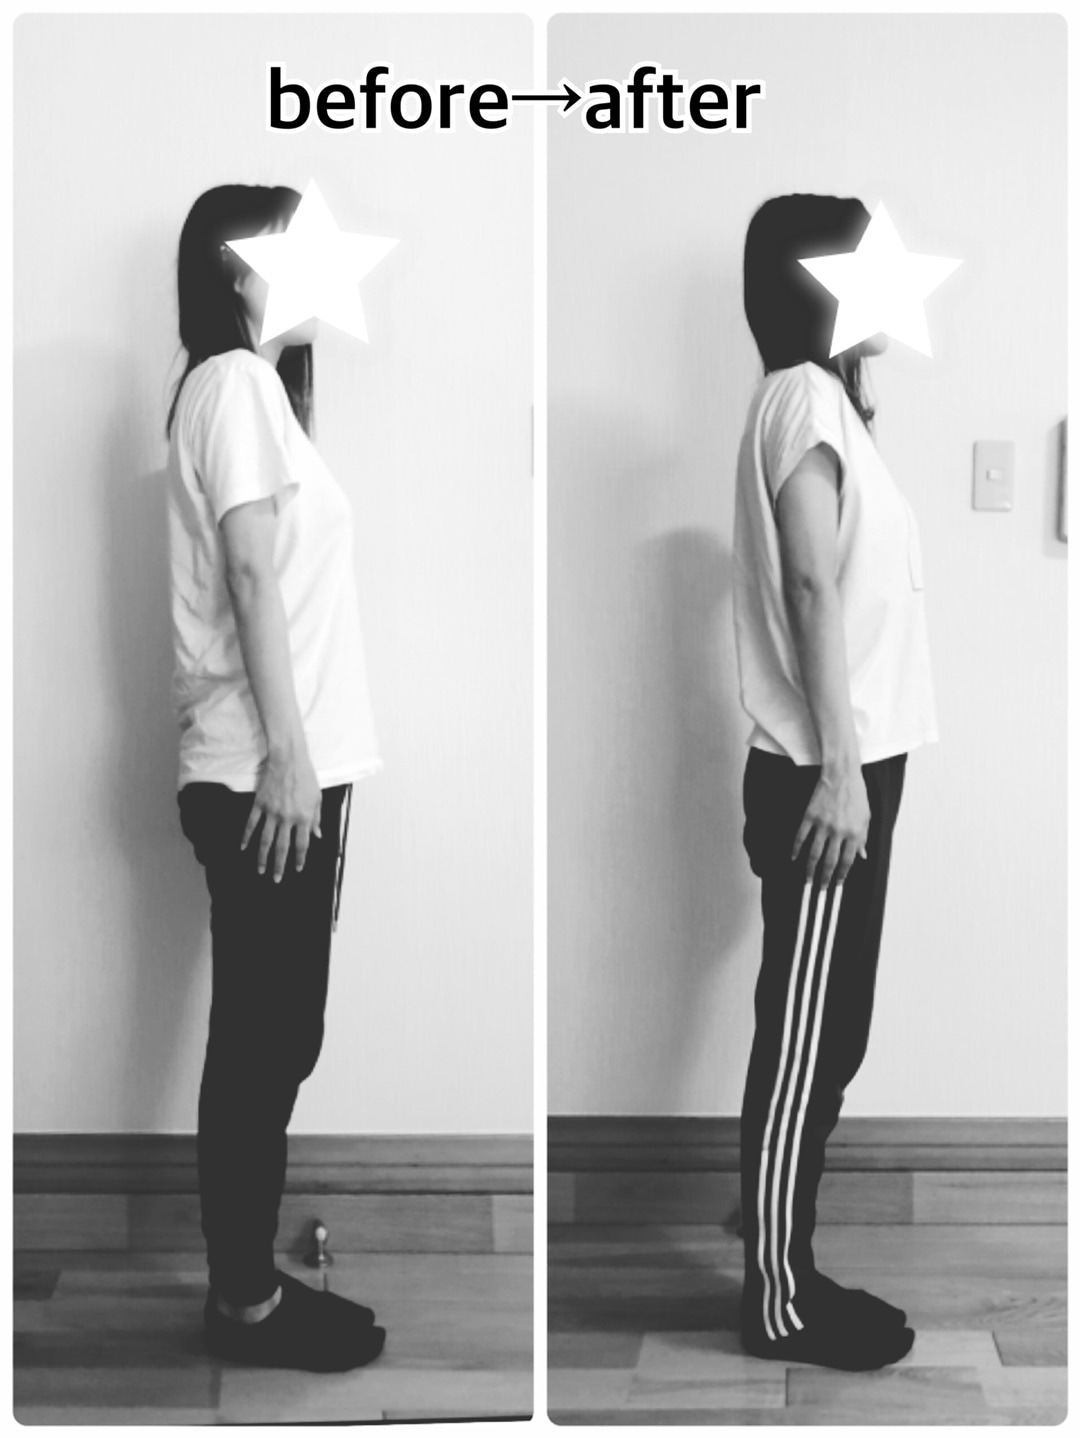 産後骨盤矯正6回目を終えて☆6回before→after